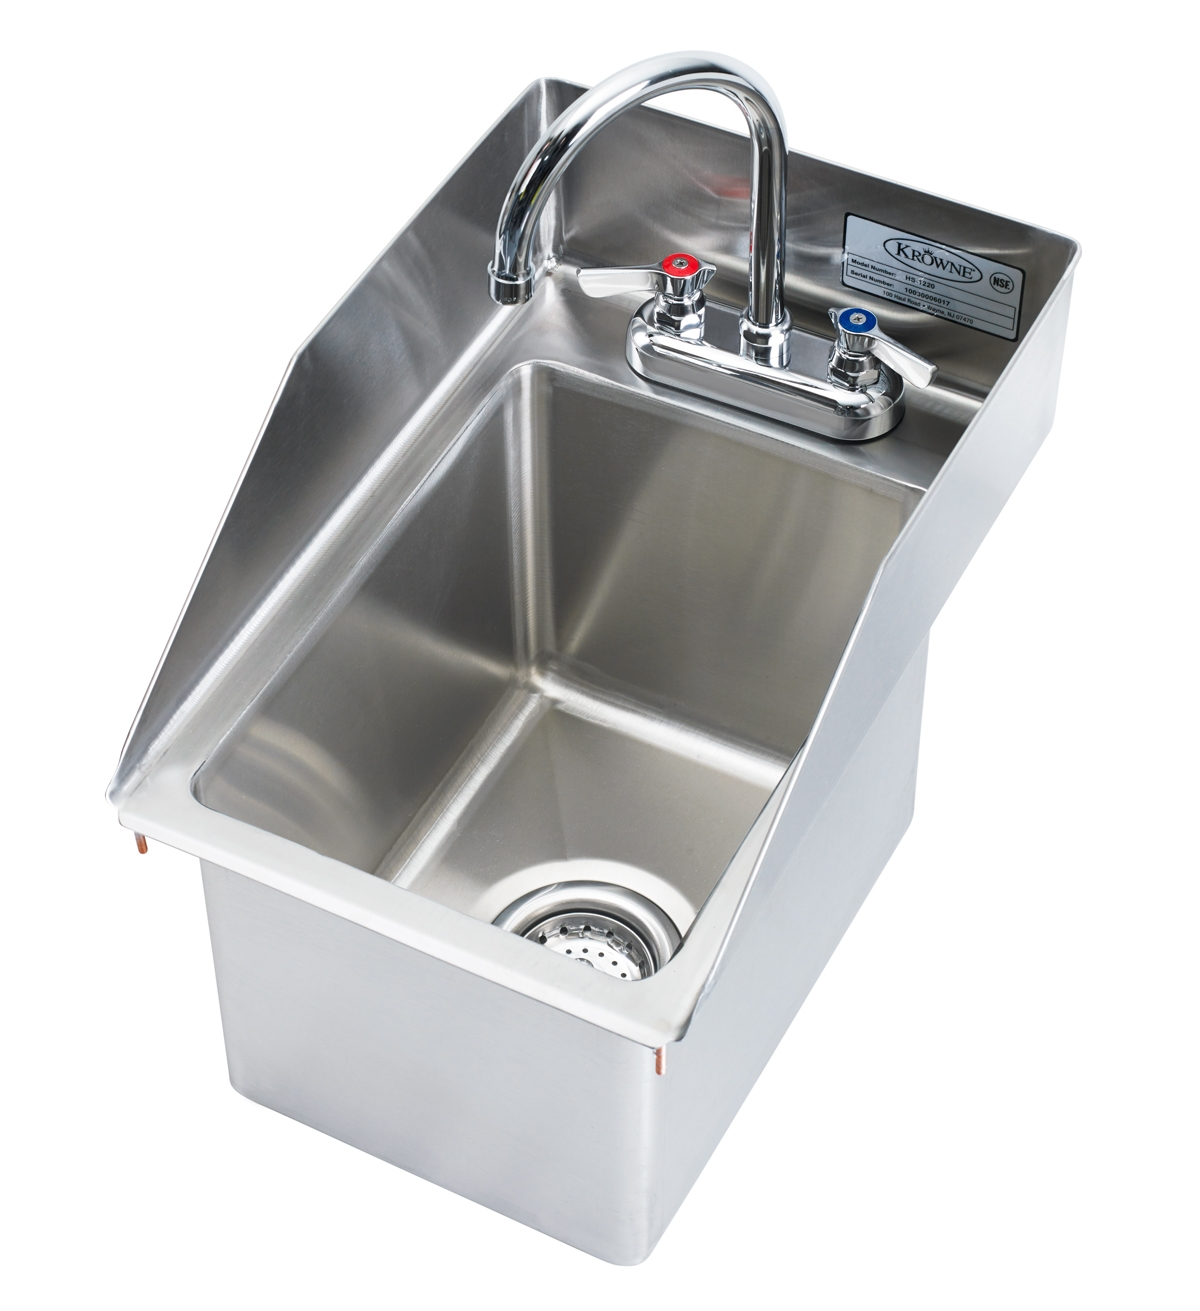 Krowne Metal HS-1220 hand sinks